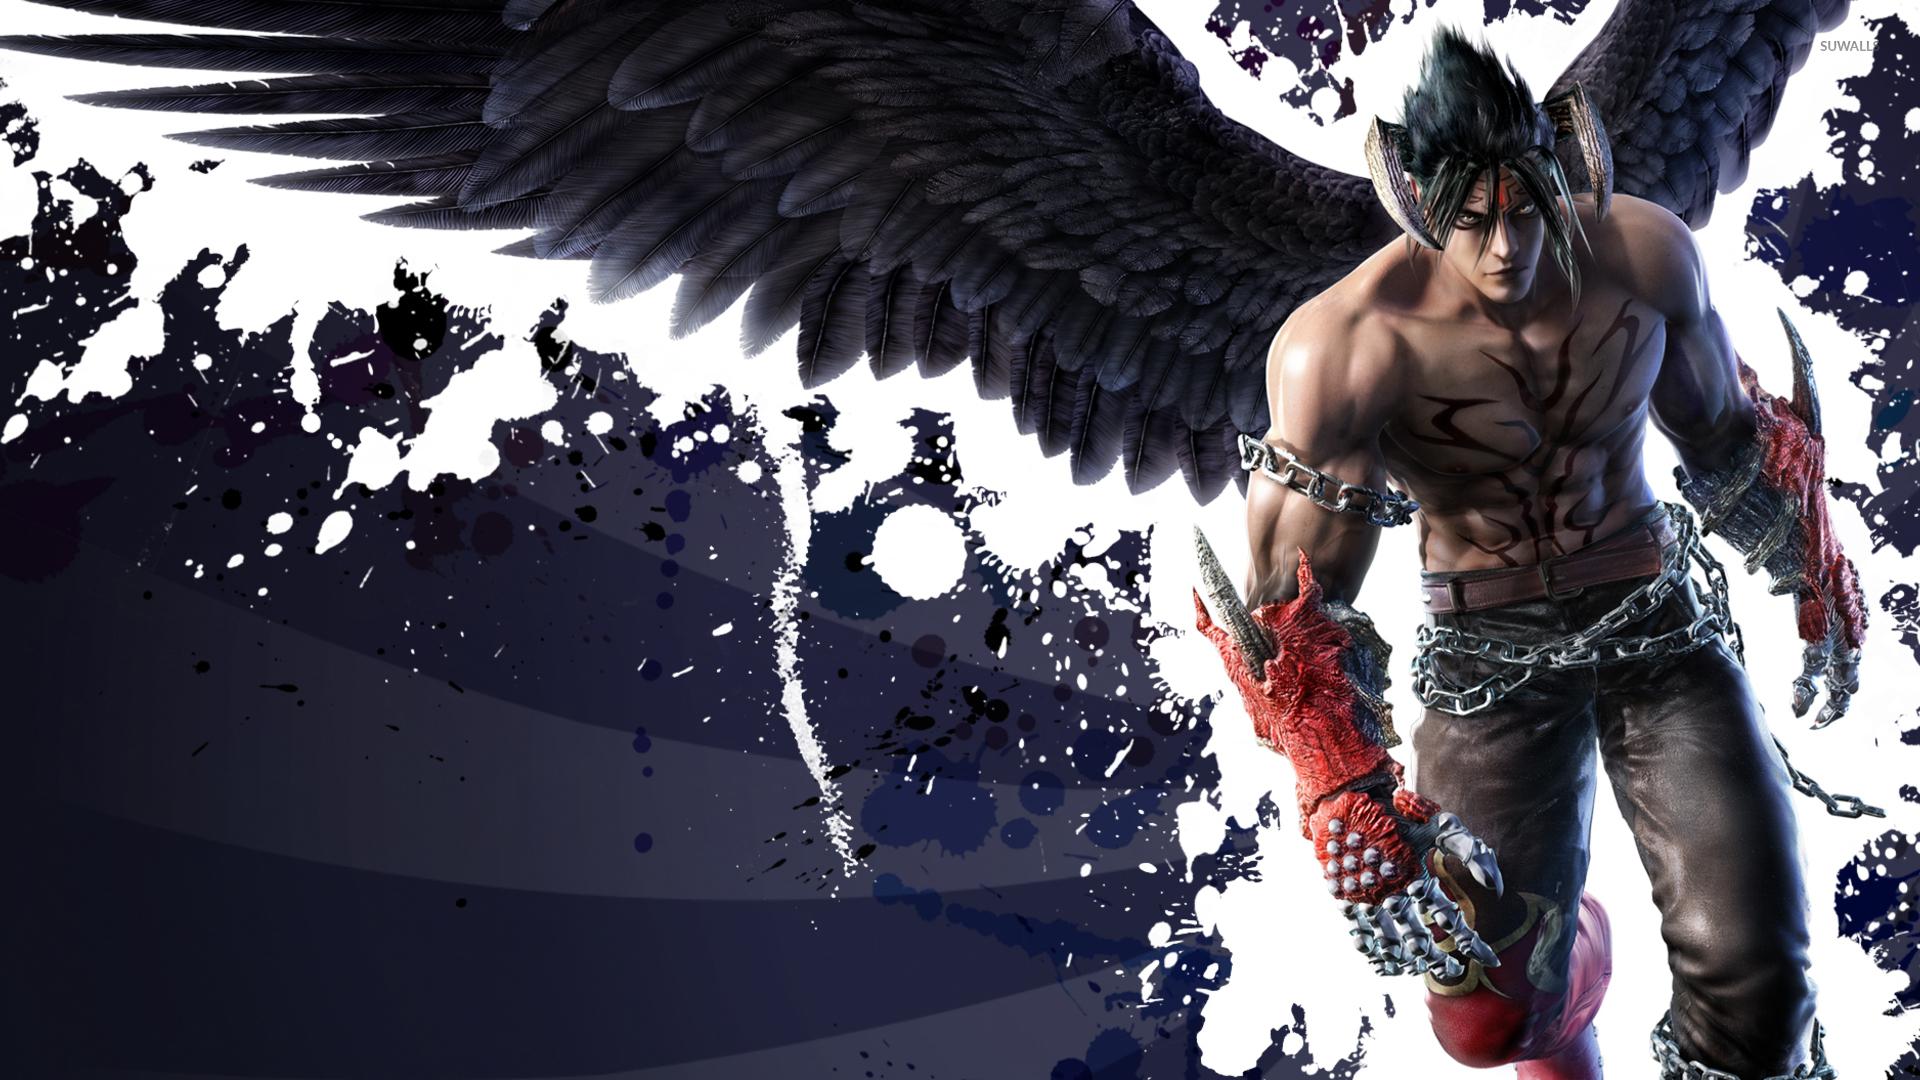 Tekken 6 Wallpaper Game Wallpapers 2031